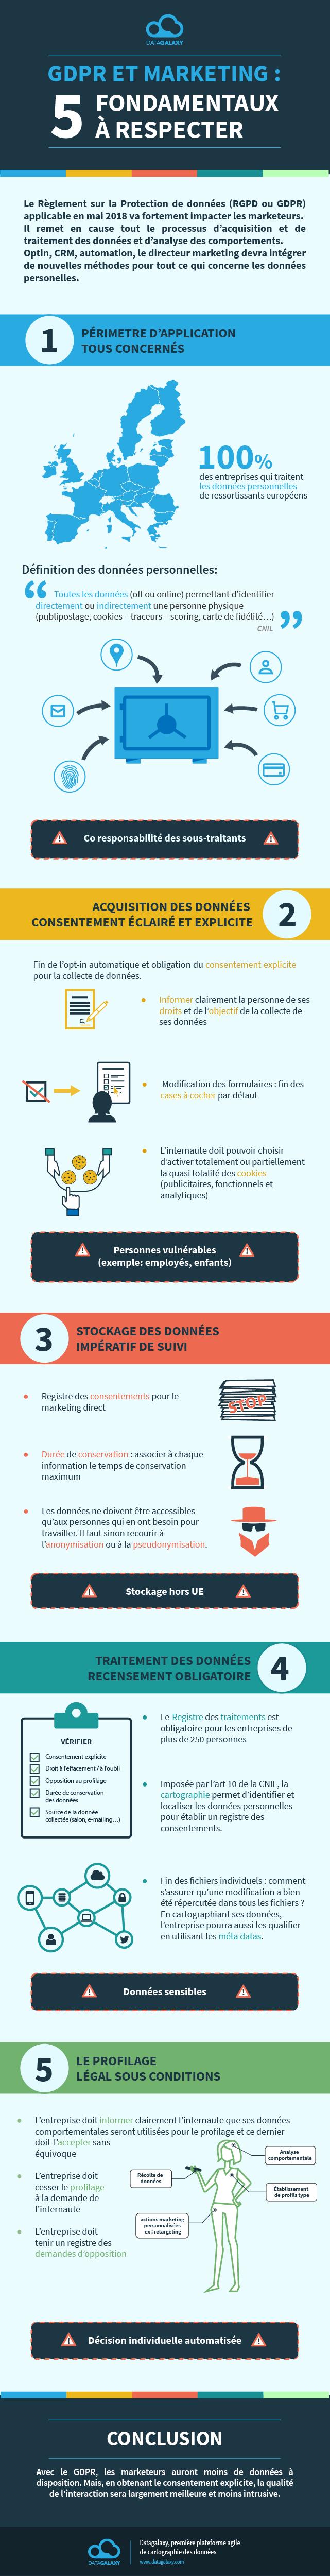 Infographie : Fondamentaux à respecter pour le marketing dans le cadre de la GDPR (RGPD) après mai 2018